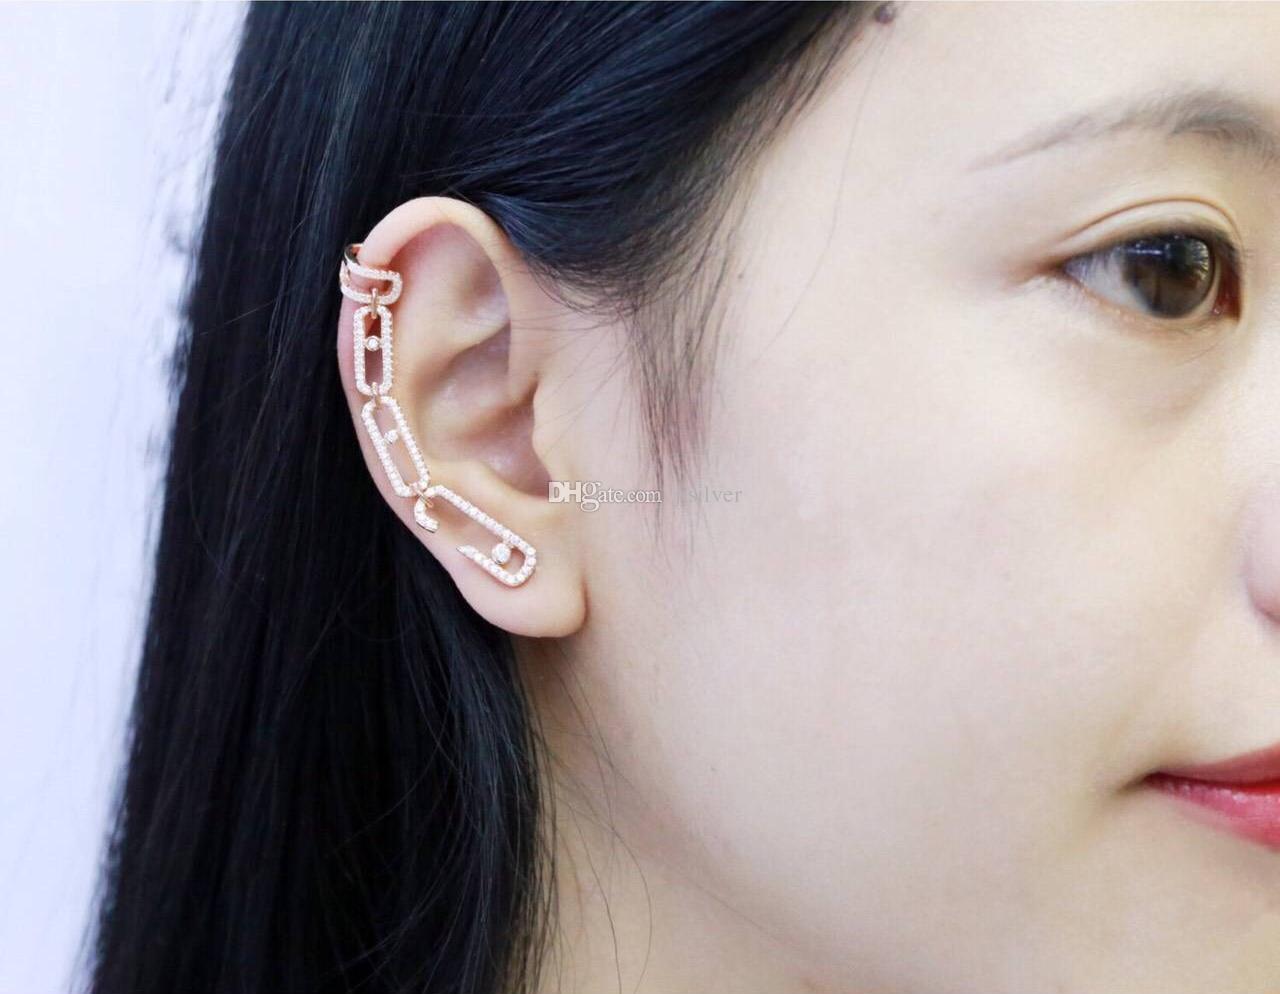 Monili delle donne 925 sterling silver boucle d'oreille femme 2017 spostamento geometrico pietra orecchini polsino dell'orecchio 3a zirconia unicorno pin asimmetrico